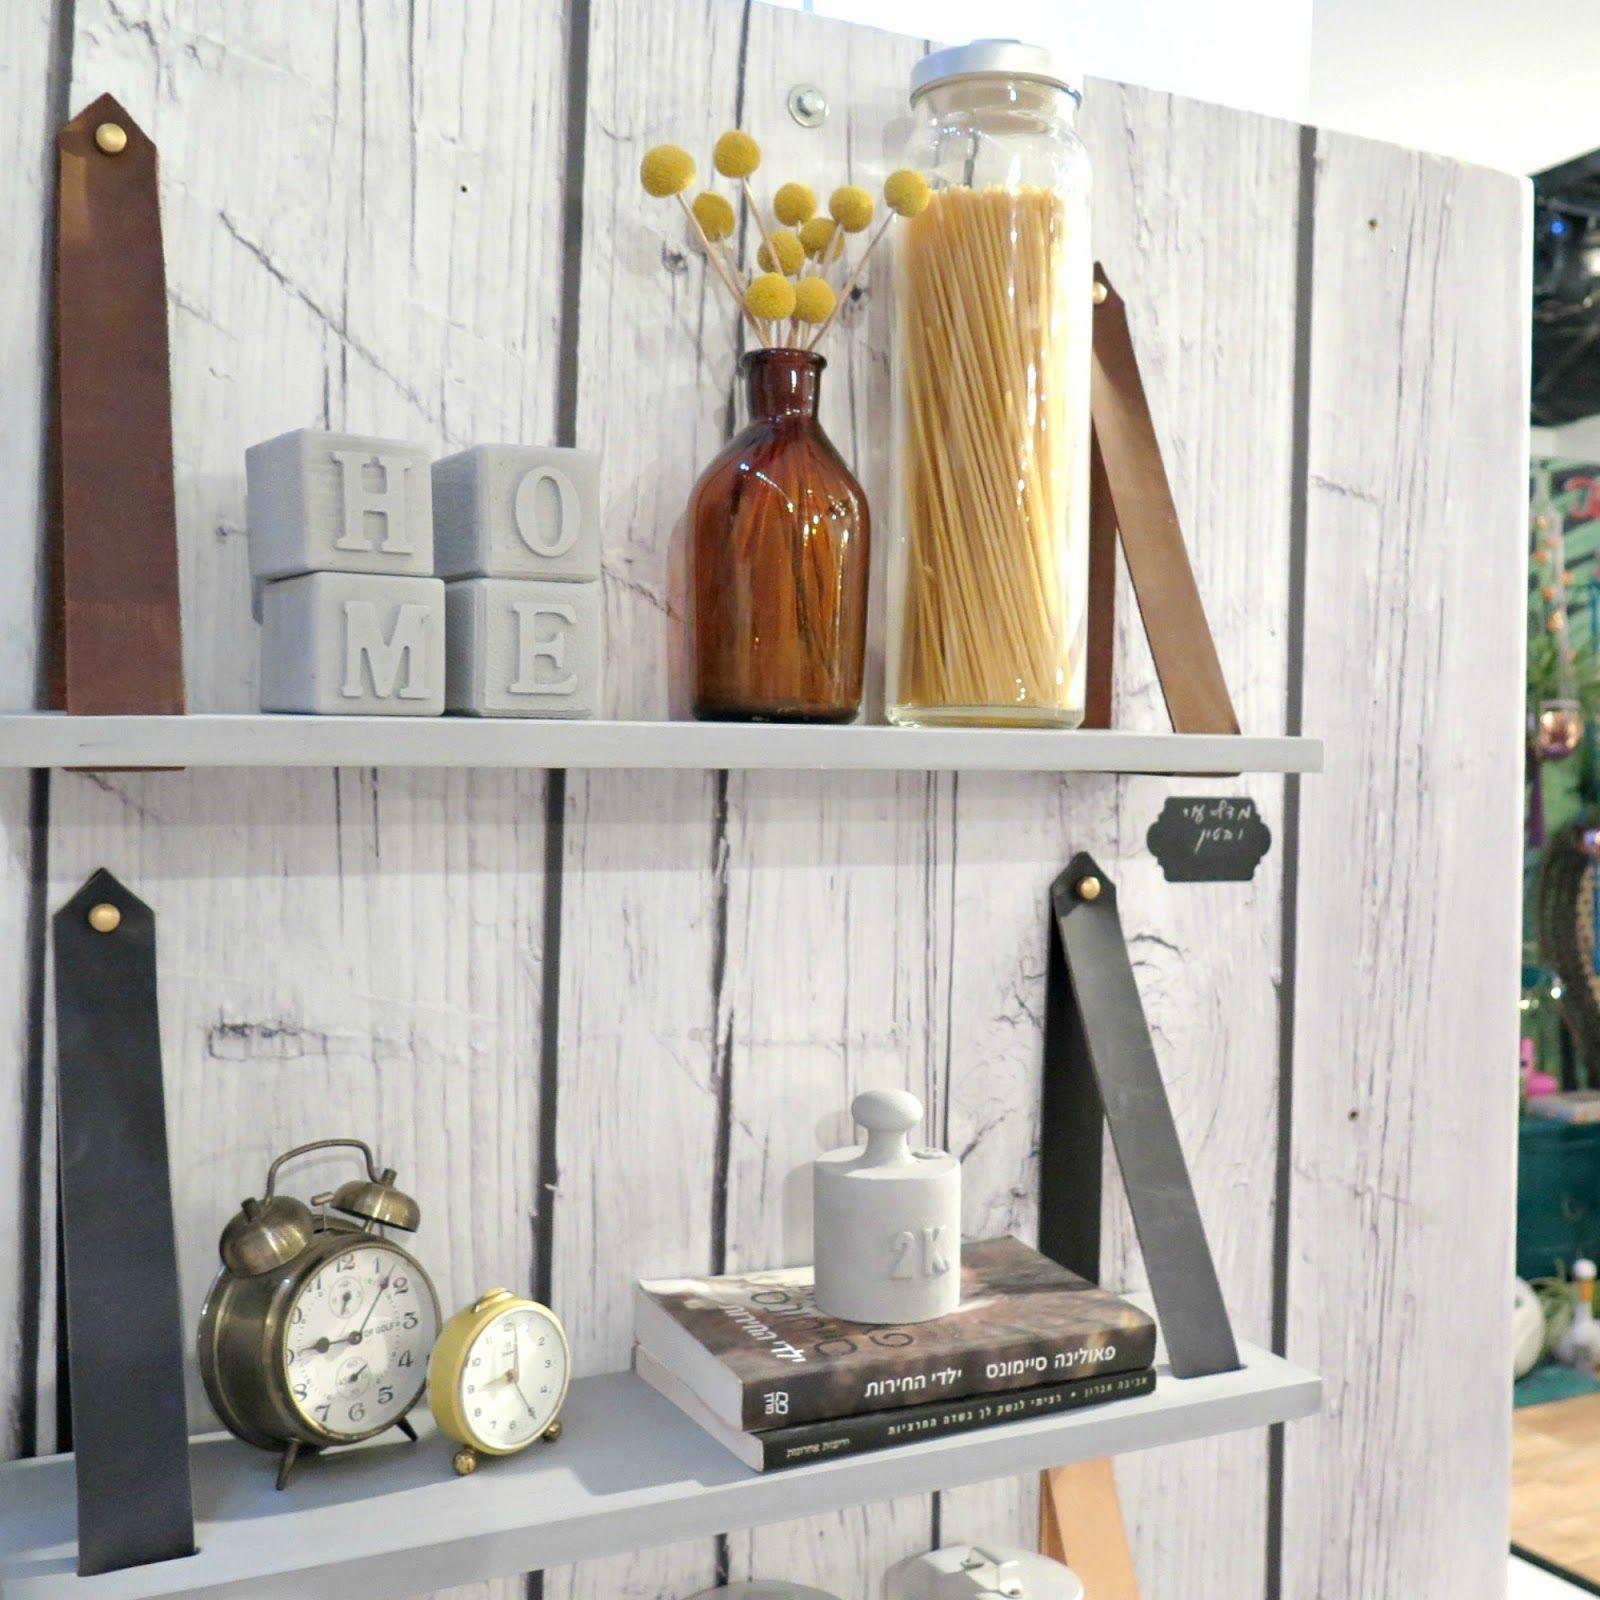 מה יש לך גברת לוין?: תערוכת עיצוב לבעלי חנויות - עיצוב קלאסי, עכשוי וטרנדי